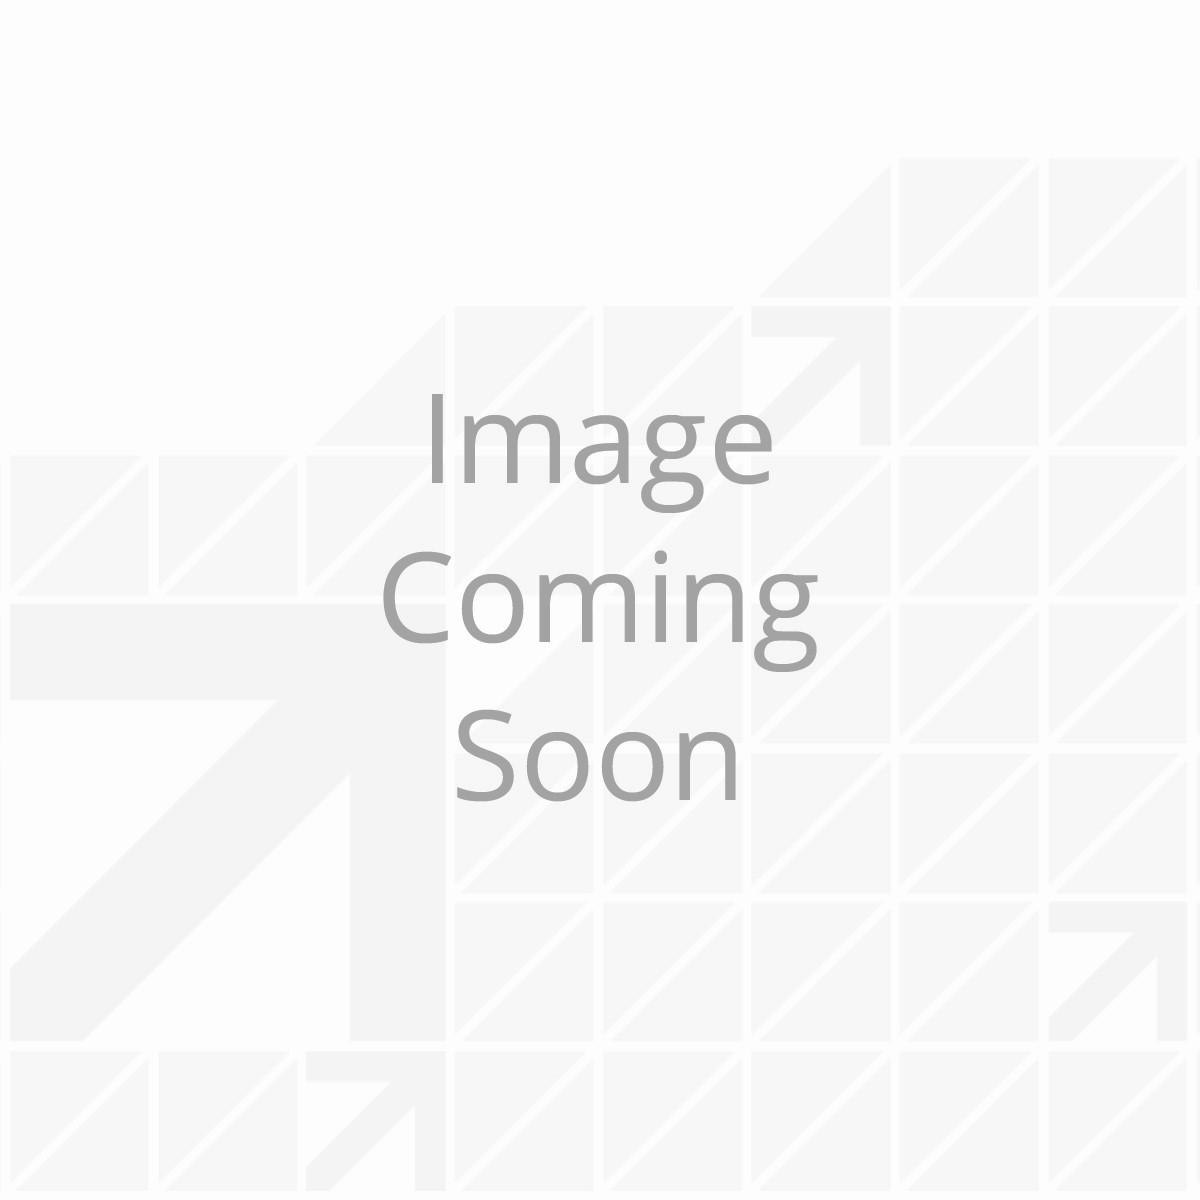 296652_-_12in_rh_self_adj_brake_-_001